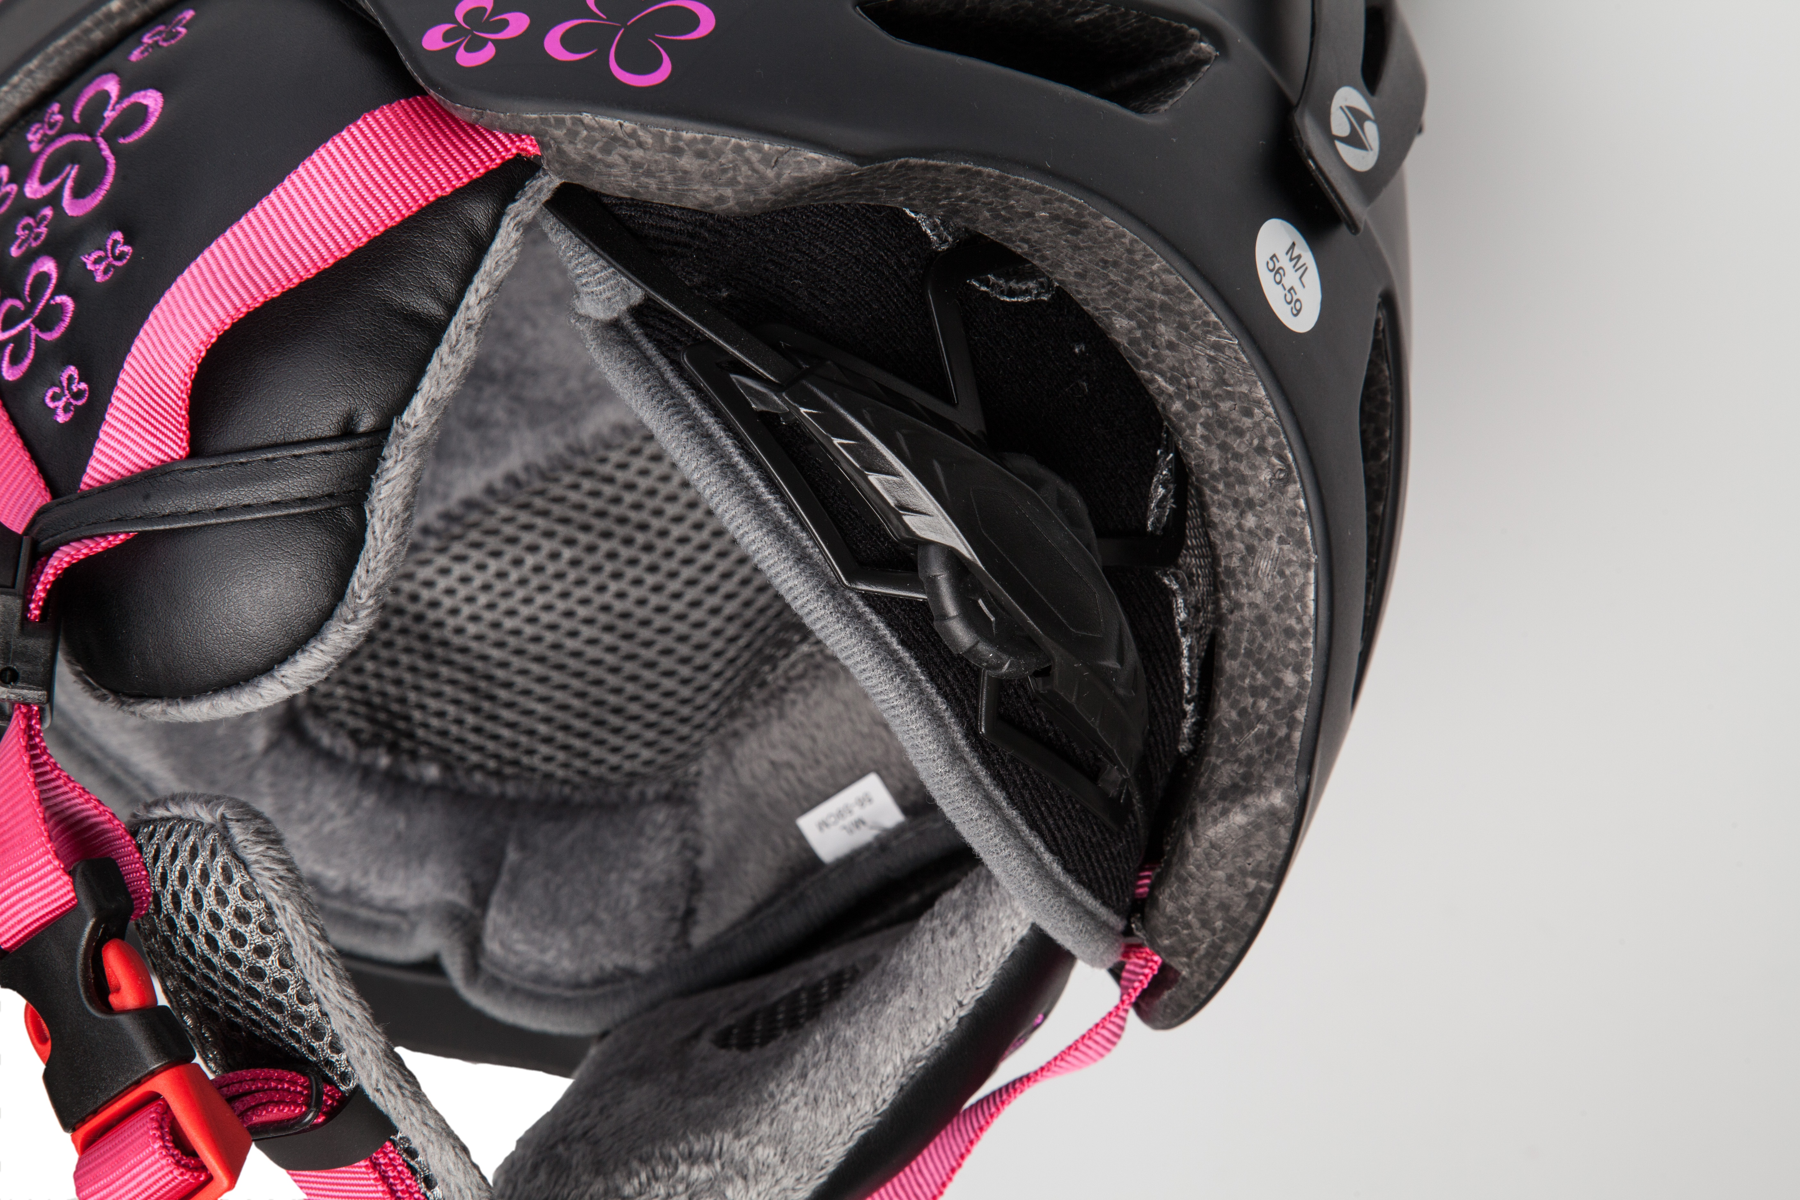 BLIZZARD VIVA DEMON ski helmet